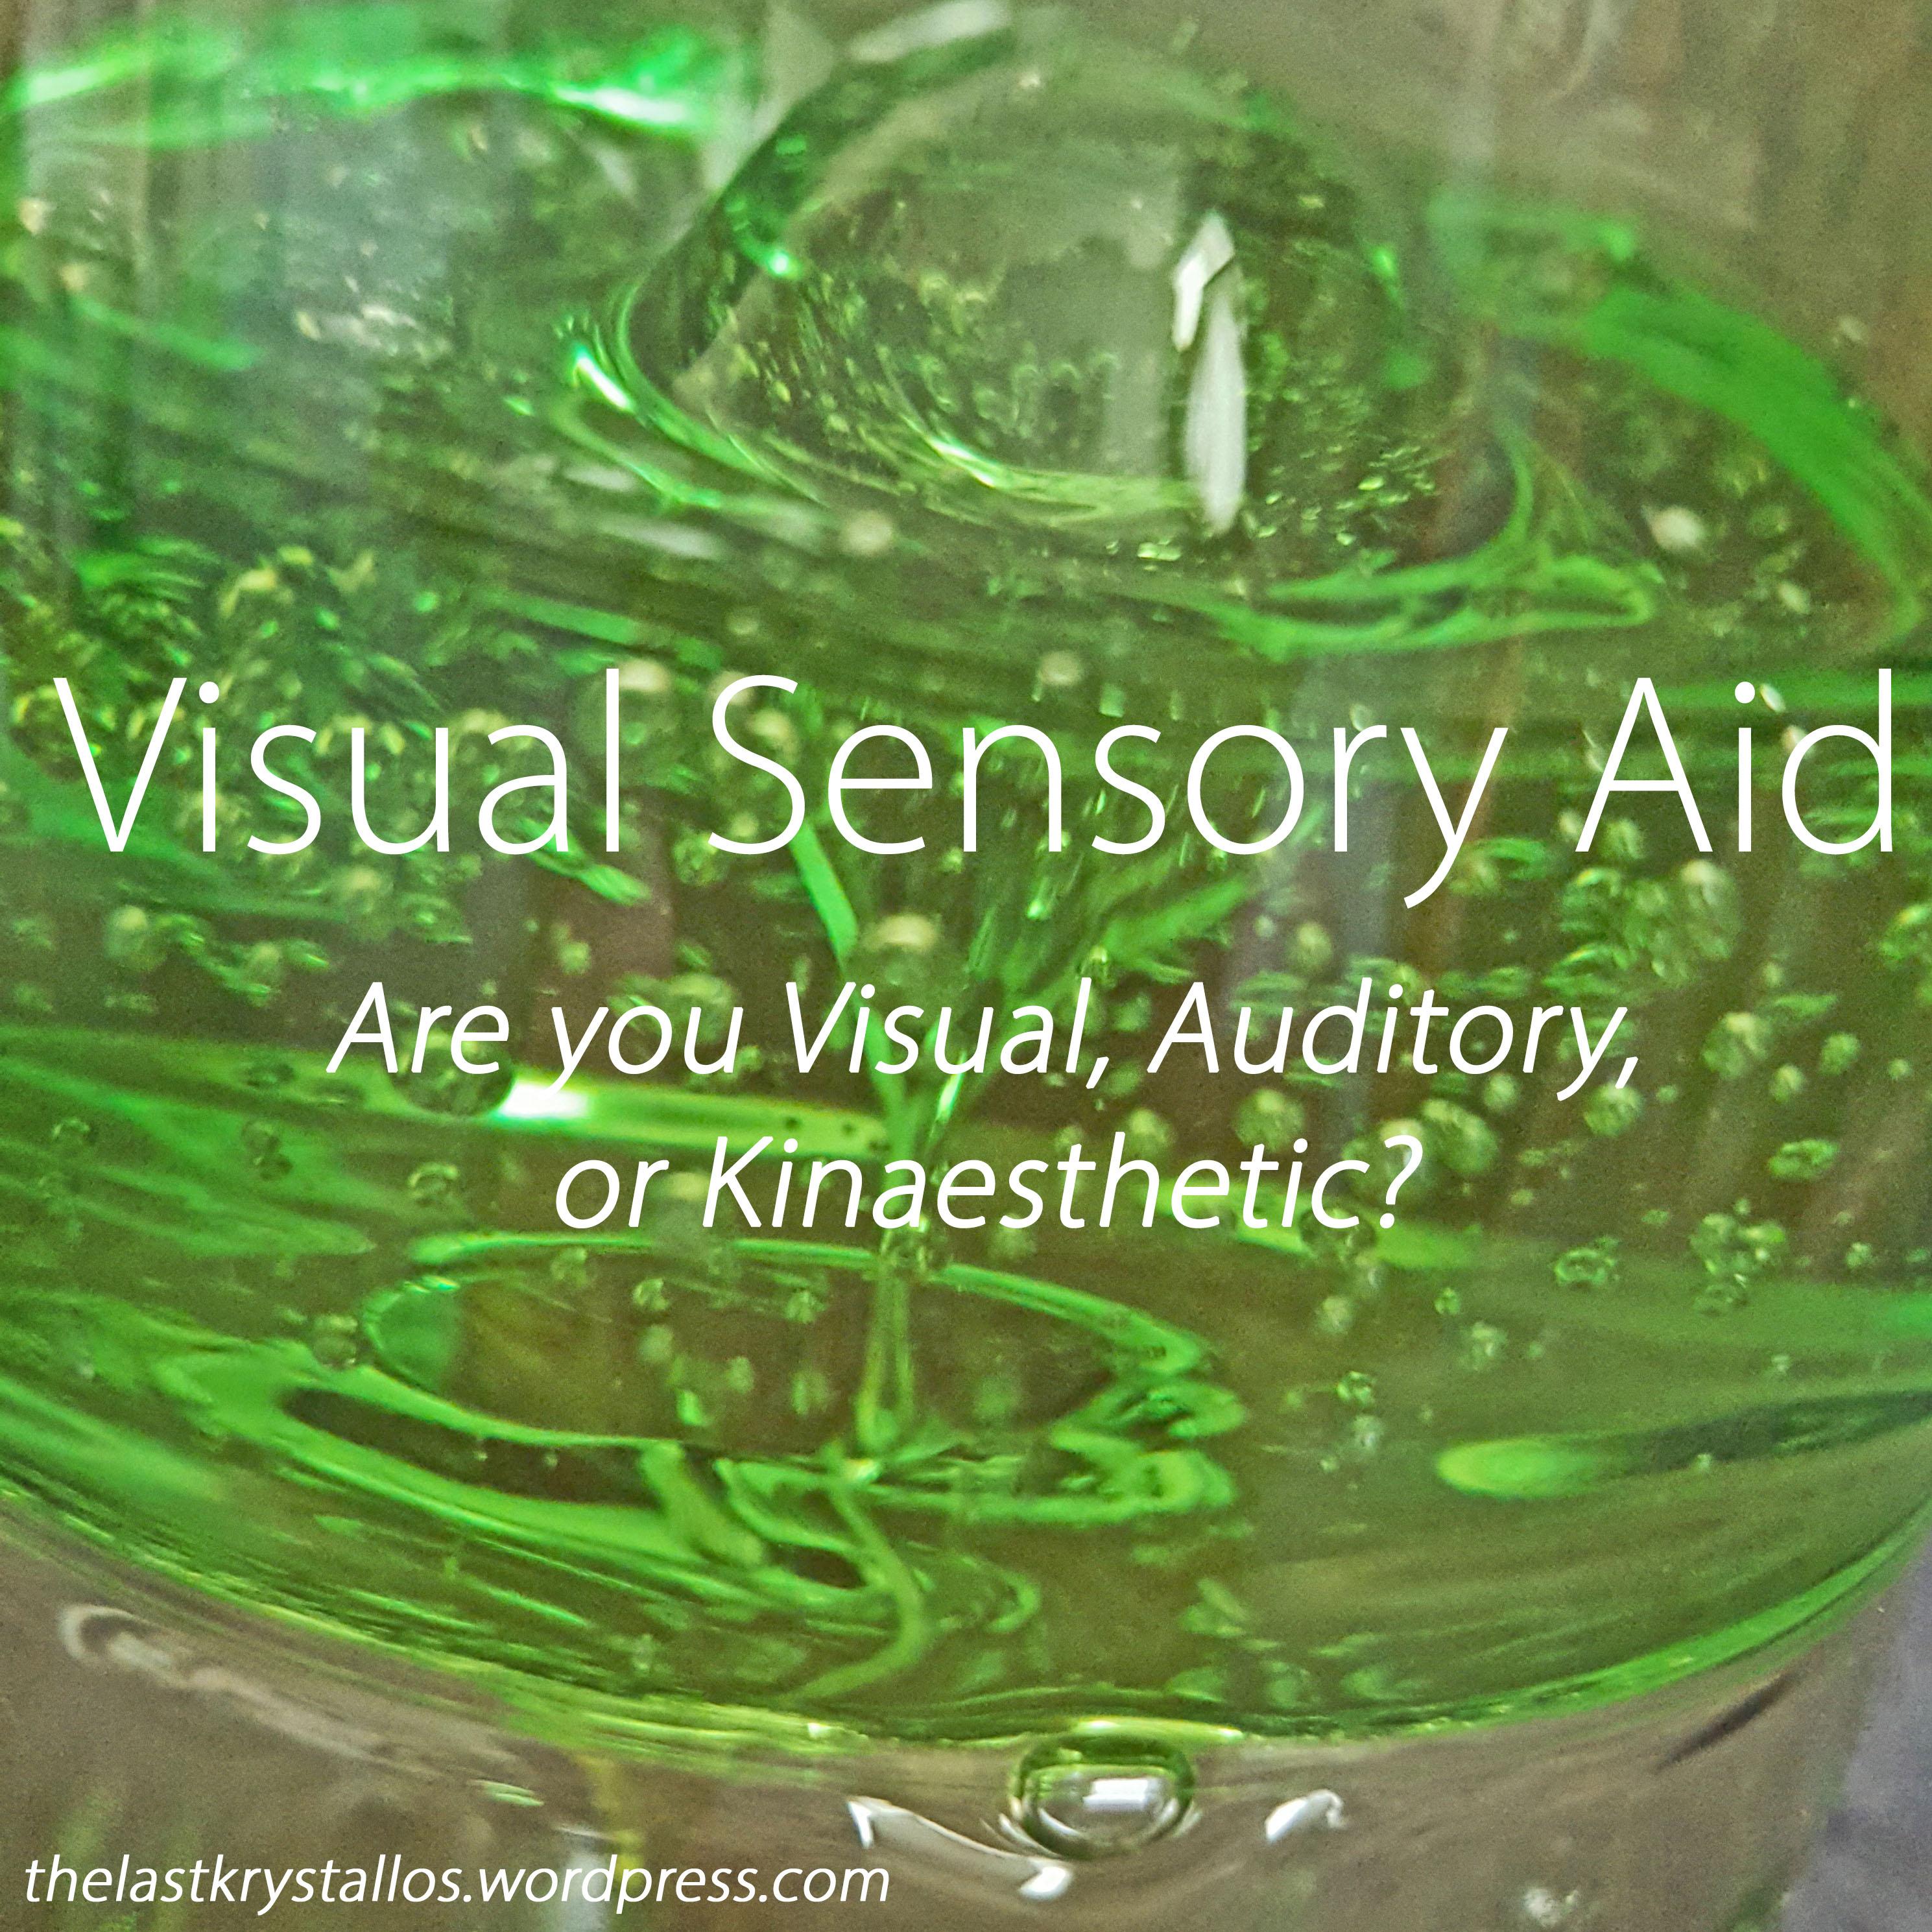 Visual Sensory Aid - The Last Krystallos